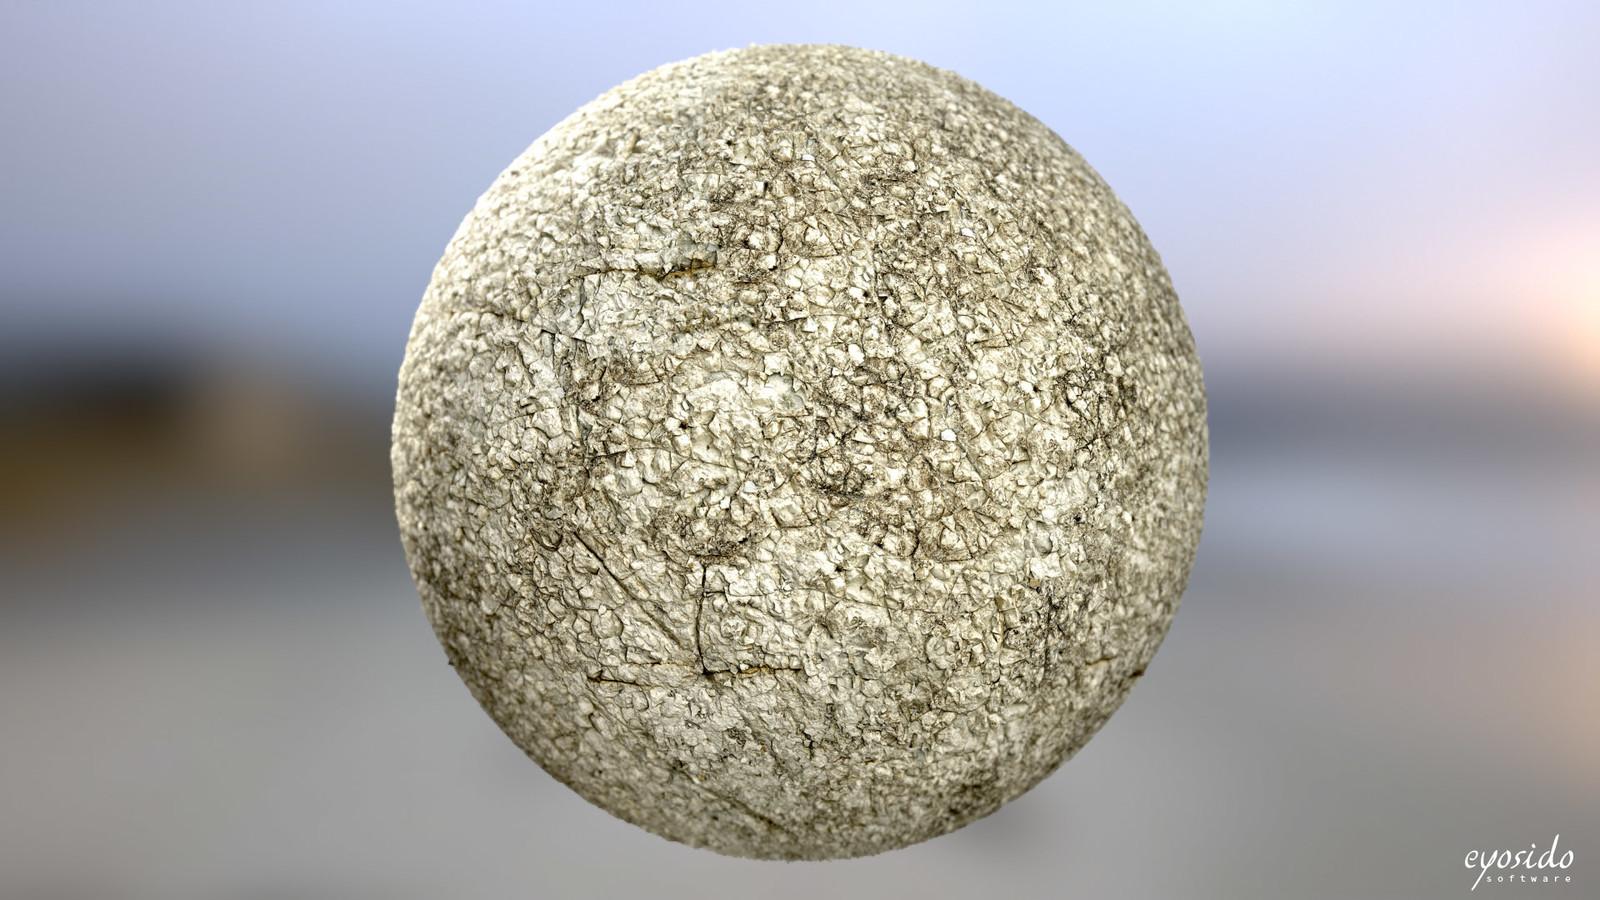 Variation B, sphere